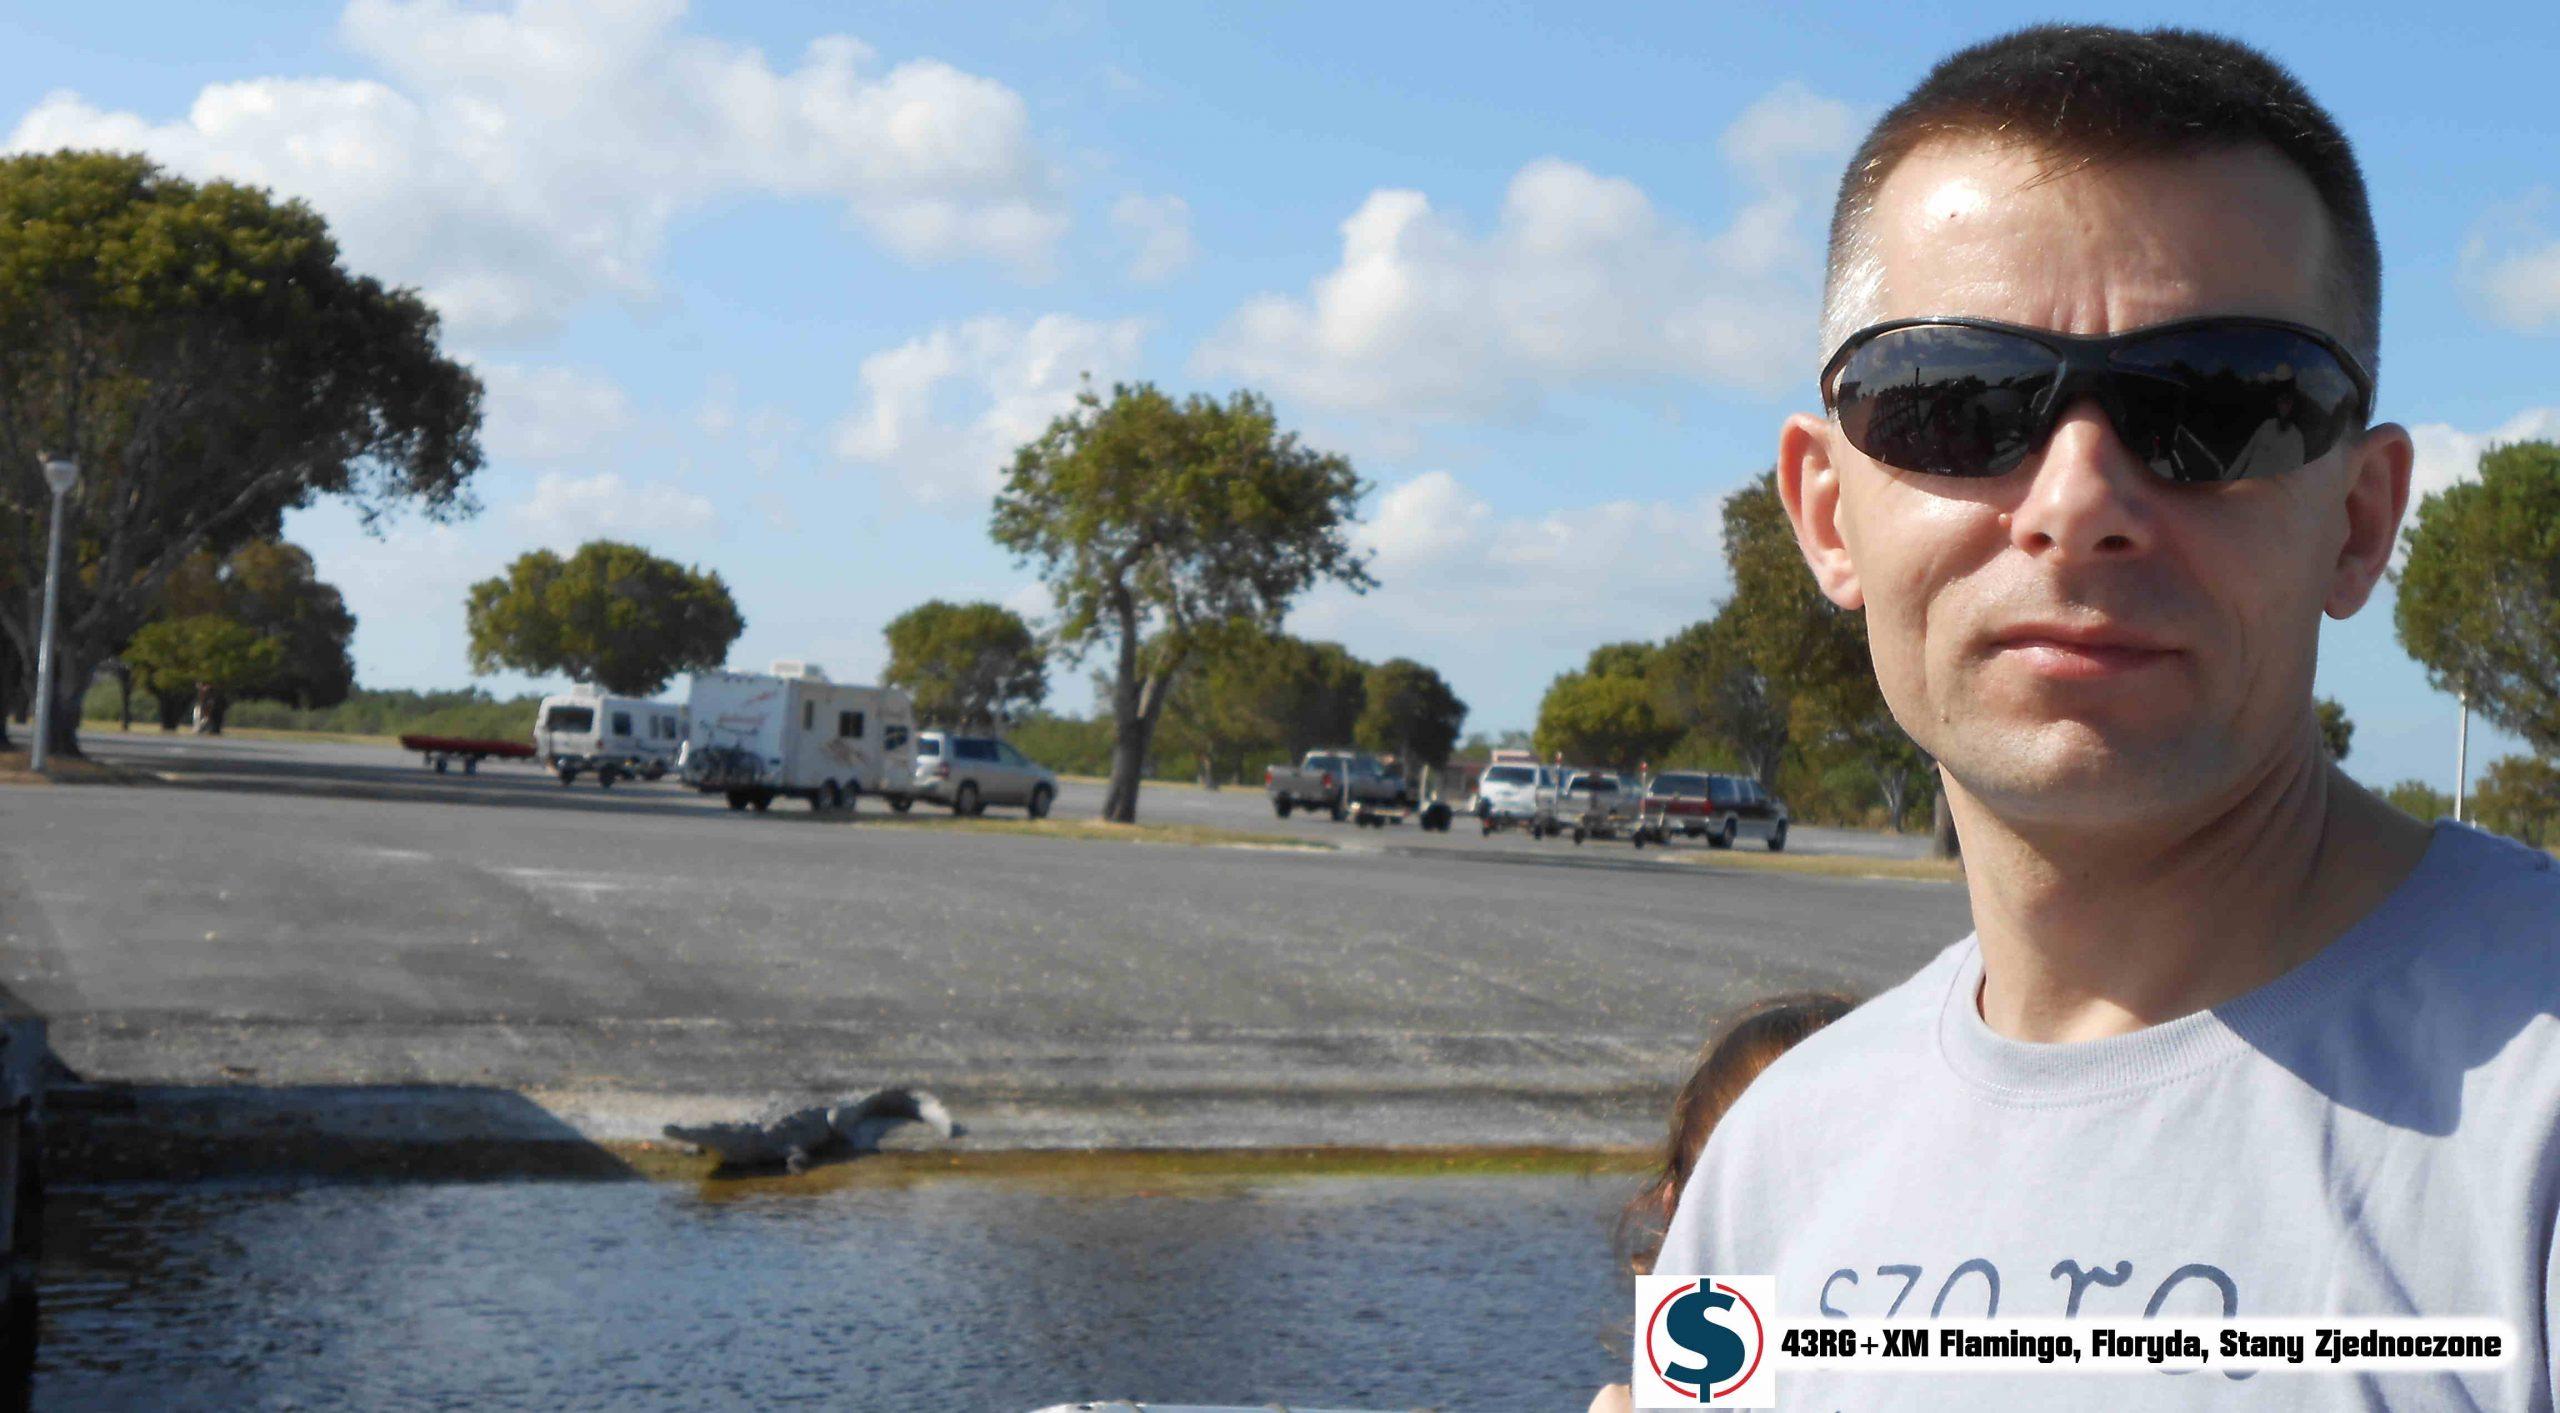 Czym jest strategia krokodyla? Krokodyl wygrzewający się na slipie obok parkingu Flamingo, Floryda, USA